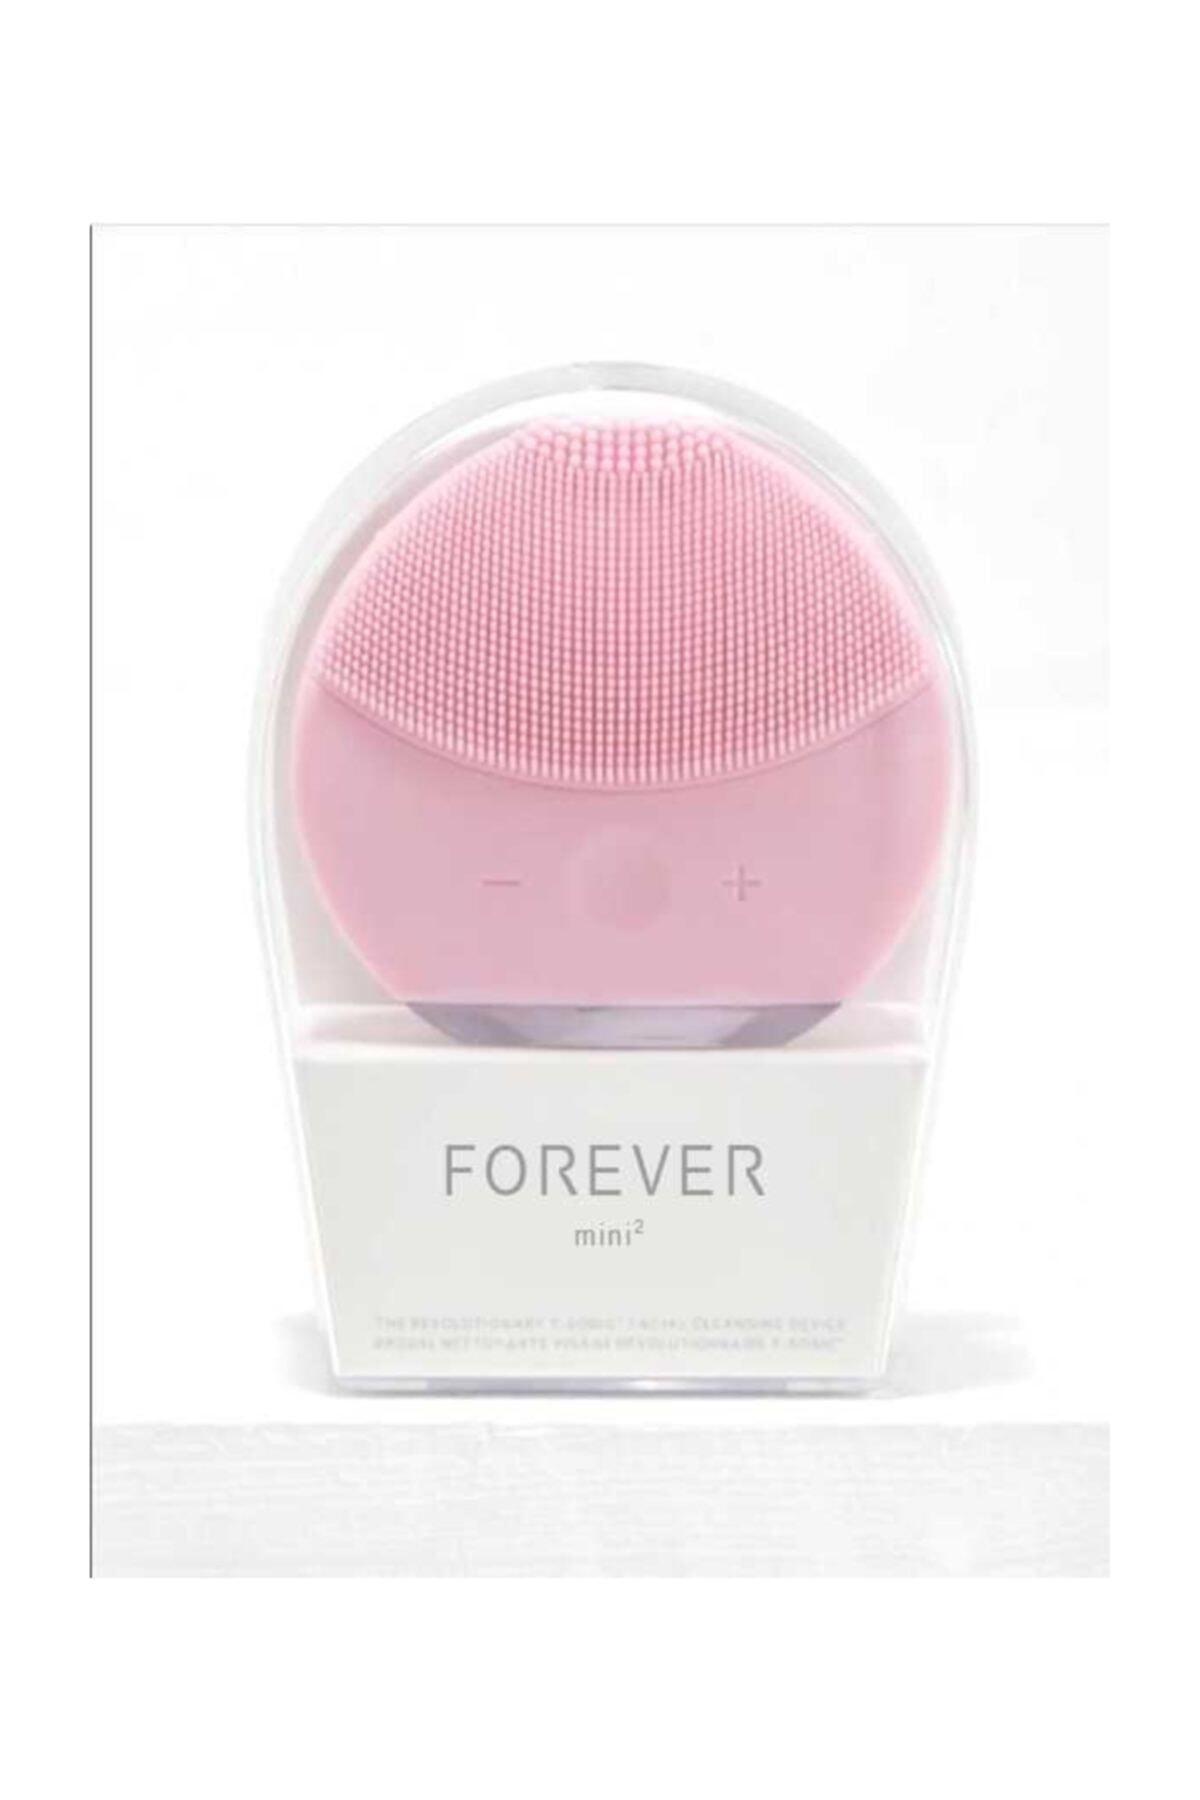 Forever Lına Mini 2 Pearlpink Cilt Temizleme Cihazı 2